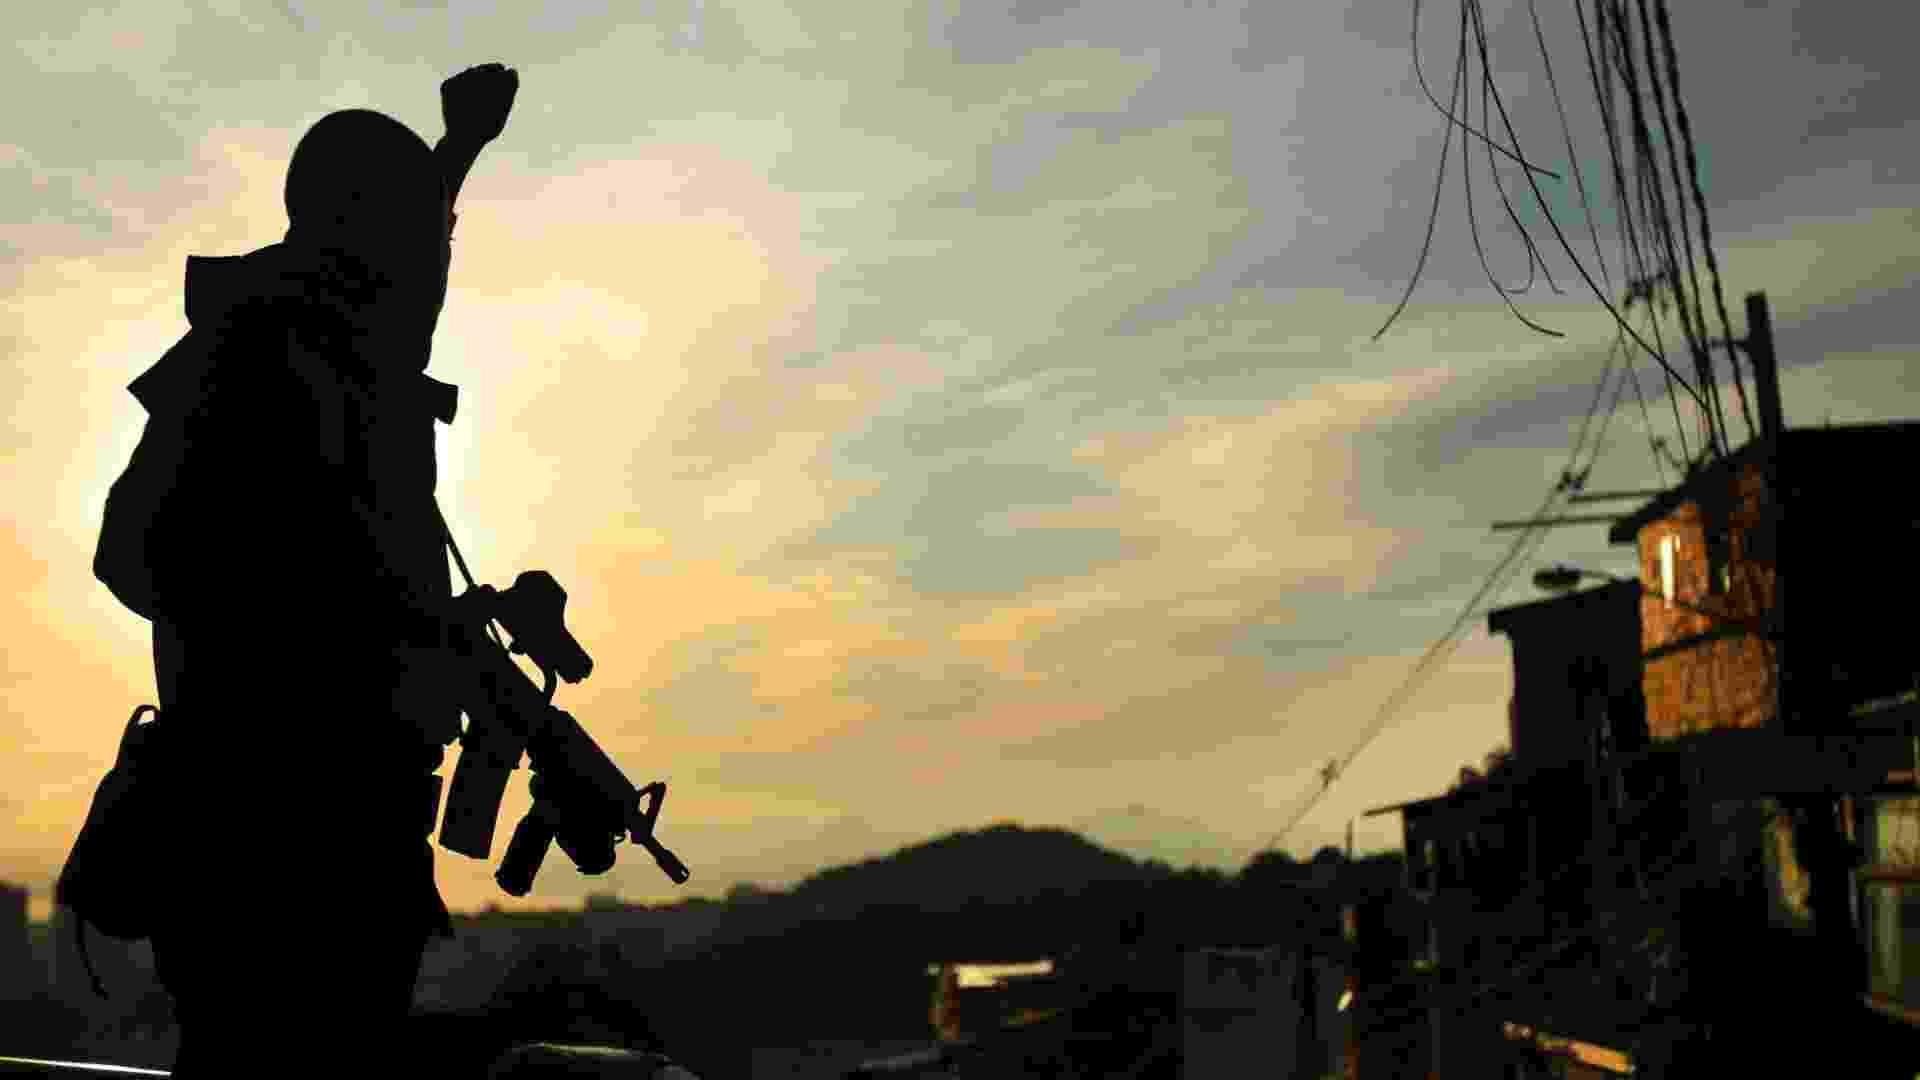 29.abr.2013 - Policial do Bope (Batalhão de Operações Especiais) comemora sucesso da operação de ocupação da comunidade do Cerro Corá, no Cosme Velho, zona sul do Rio de Janeiro. Em apenas 30 minutos, cerca de 420 policiais militares liderados pelo Bope ocuparam as favelas Cerro-Corá, Guararapes e Vila Cândido, no Cosme Velho, para a futura instalação da 33ª UPP (Unidade de Polícia Pacificadora) da cidade - Fábio Teixeira/Agência O Globo